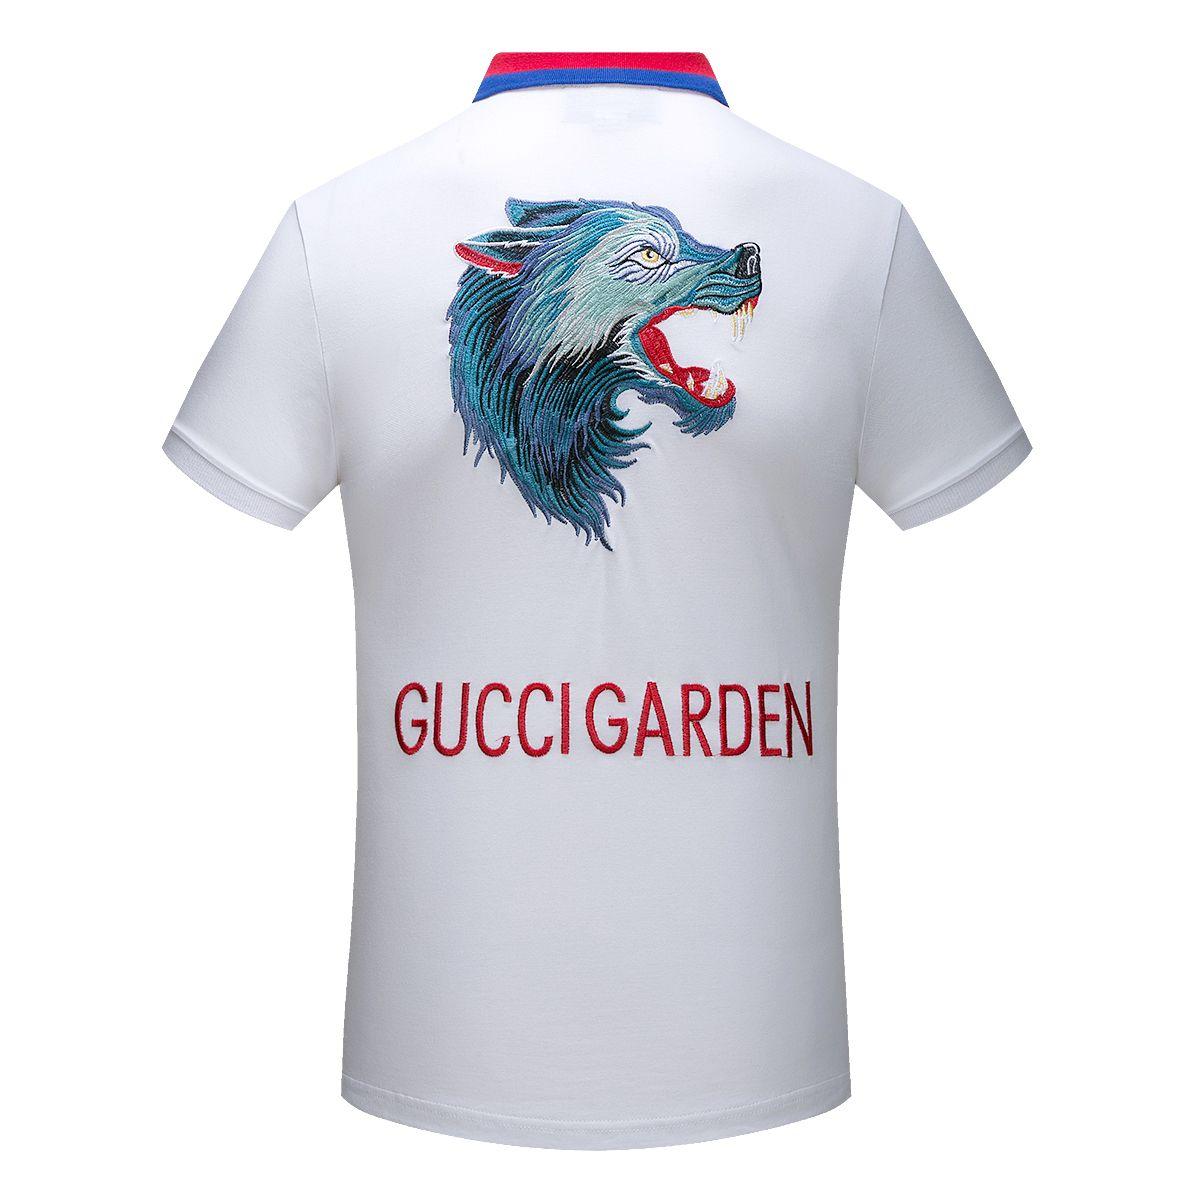 22f5772c10e1 Replica Gucci Polo Shirts With Wolf Head 2018 For Men Size M Xxxl Id